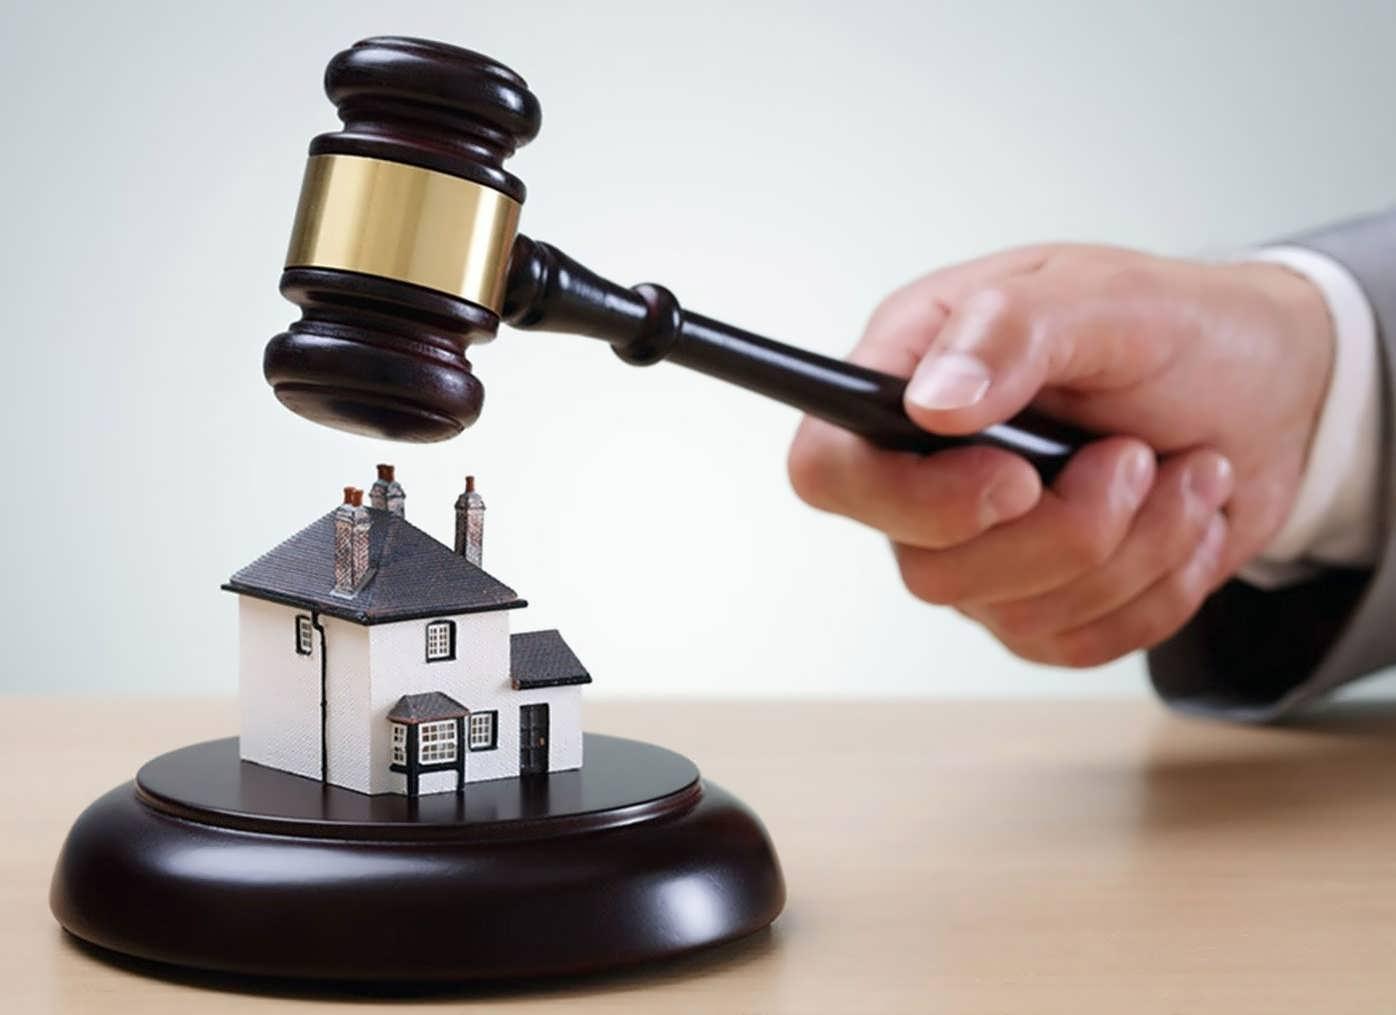 شرایط  و روند دریافت حکم تخلیه ( فوری) ،تمدید اجاره در دوران کرونا